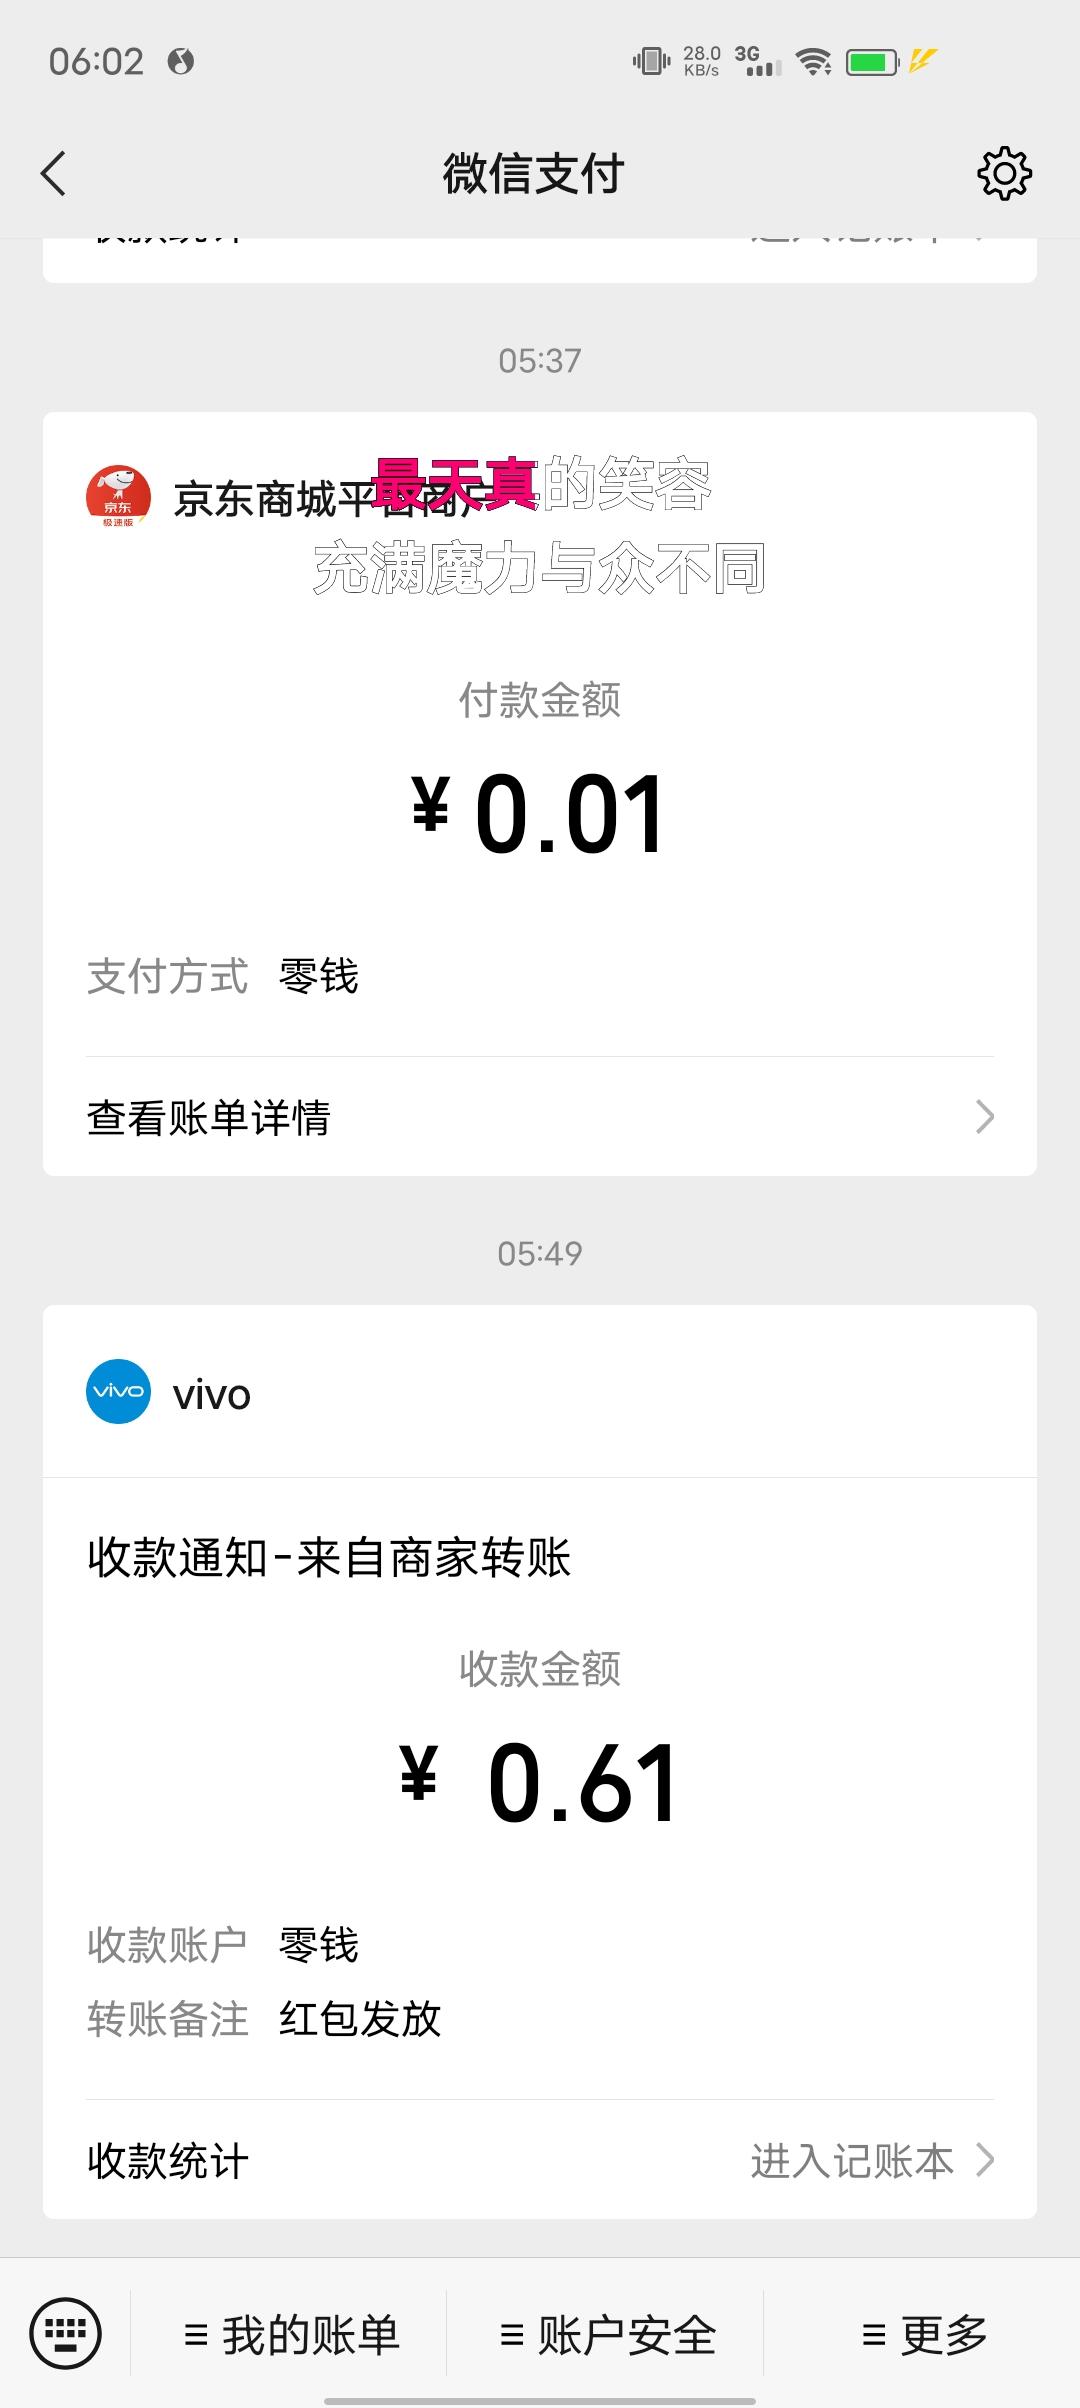 【提现红包现金】vivo手机用户应用商店活动下载应用领取现金插图6